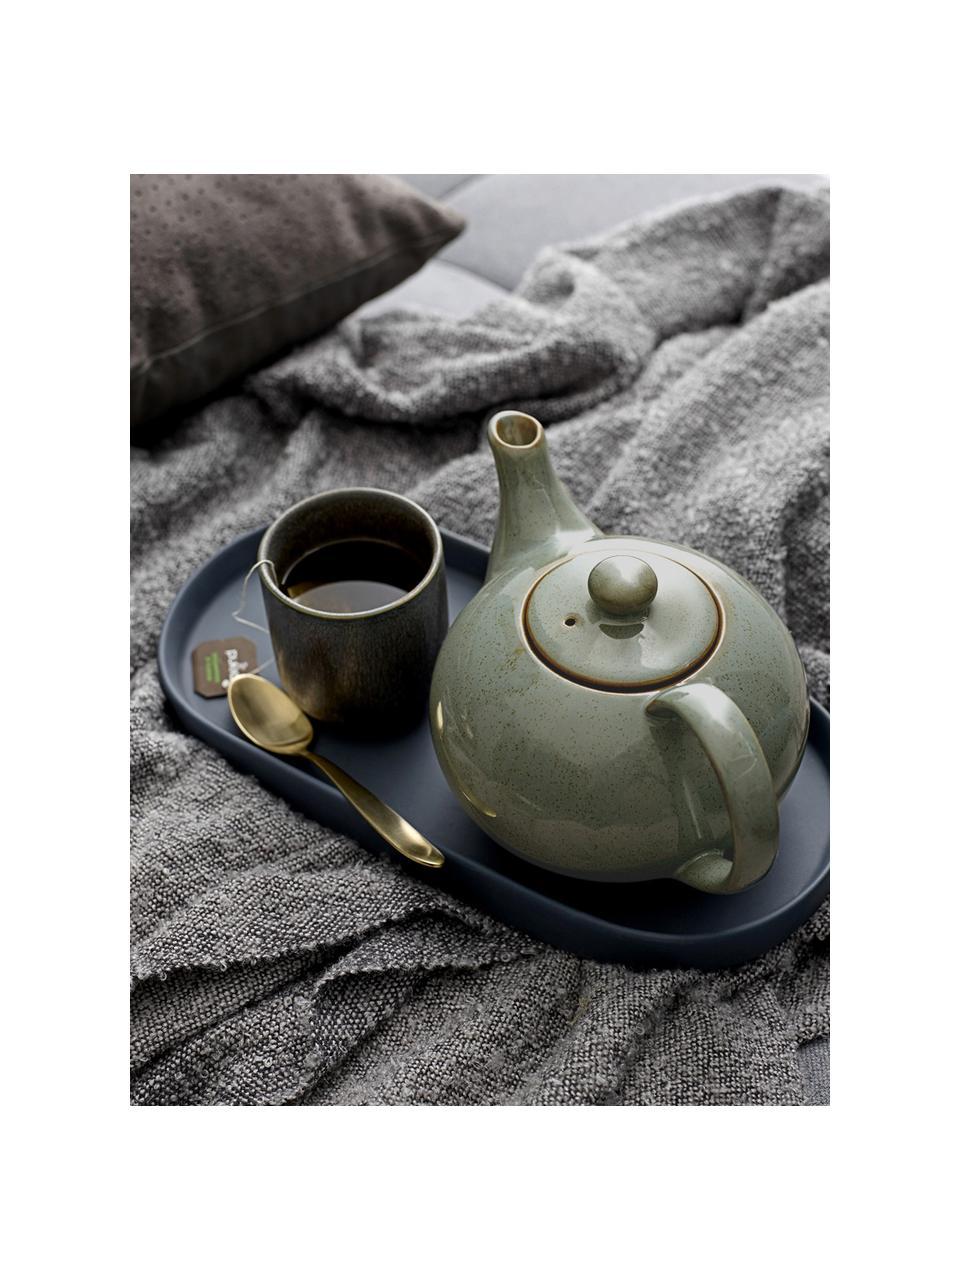 XS-Teekanne Pixie aus Steingut, 820 ml, Steingut, Grüntöne, 820 ml